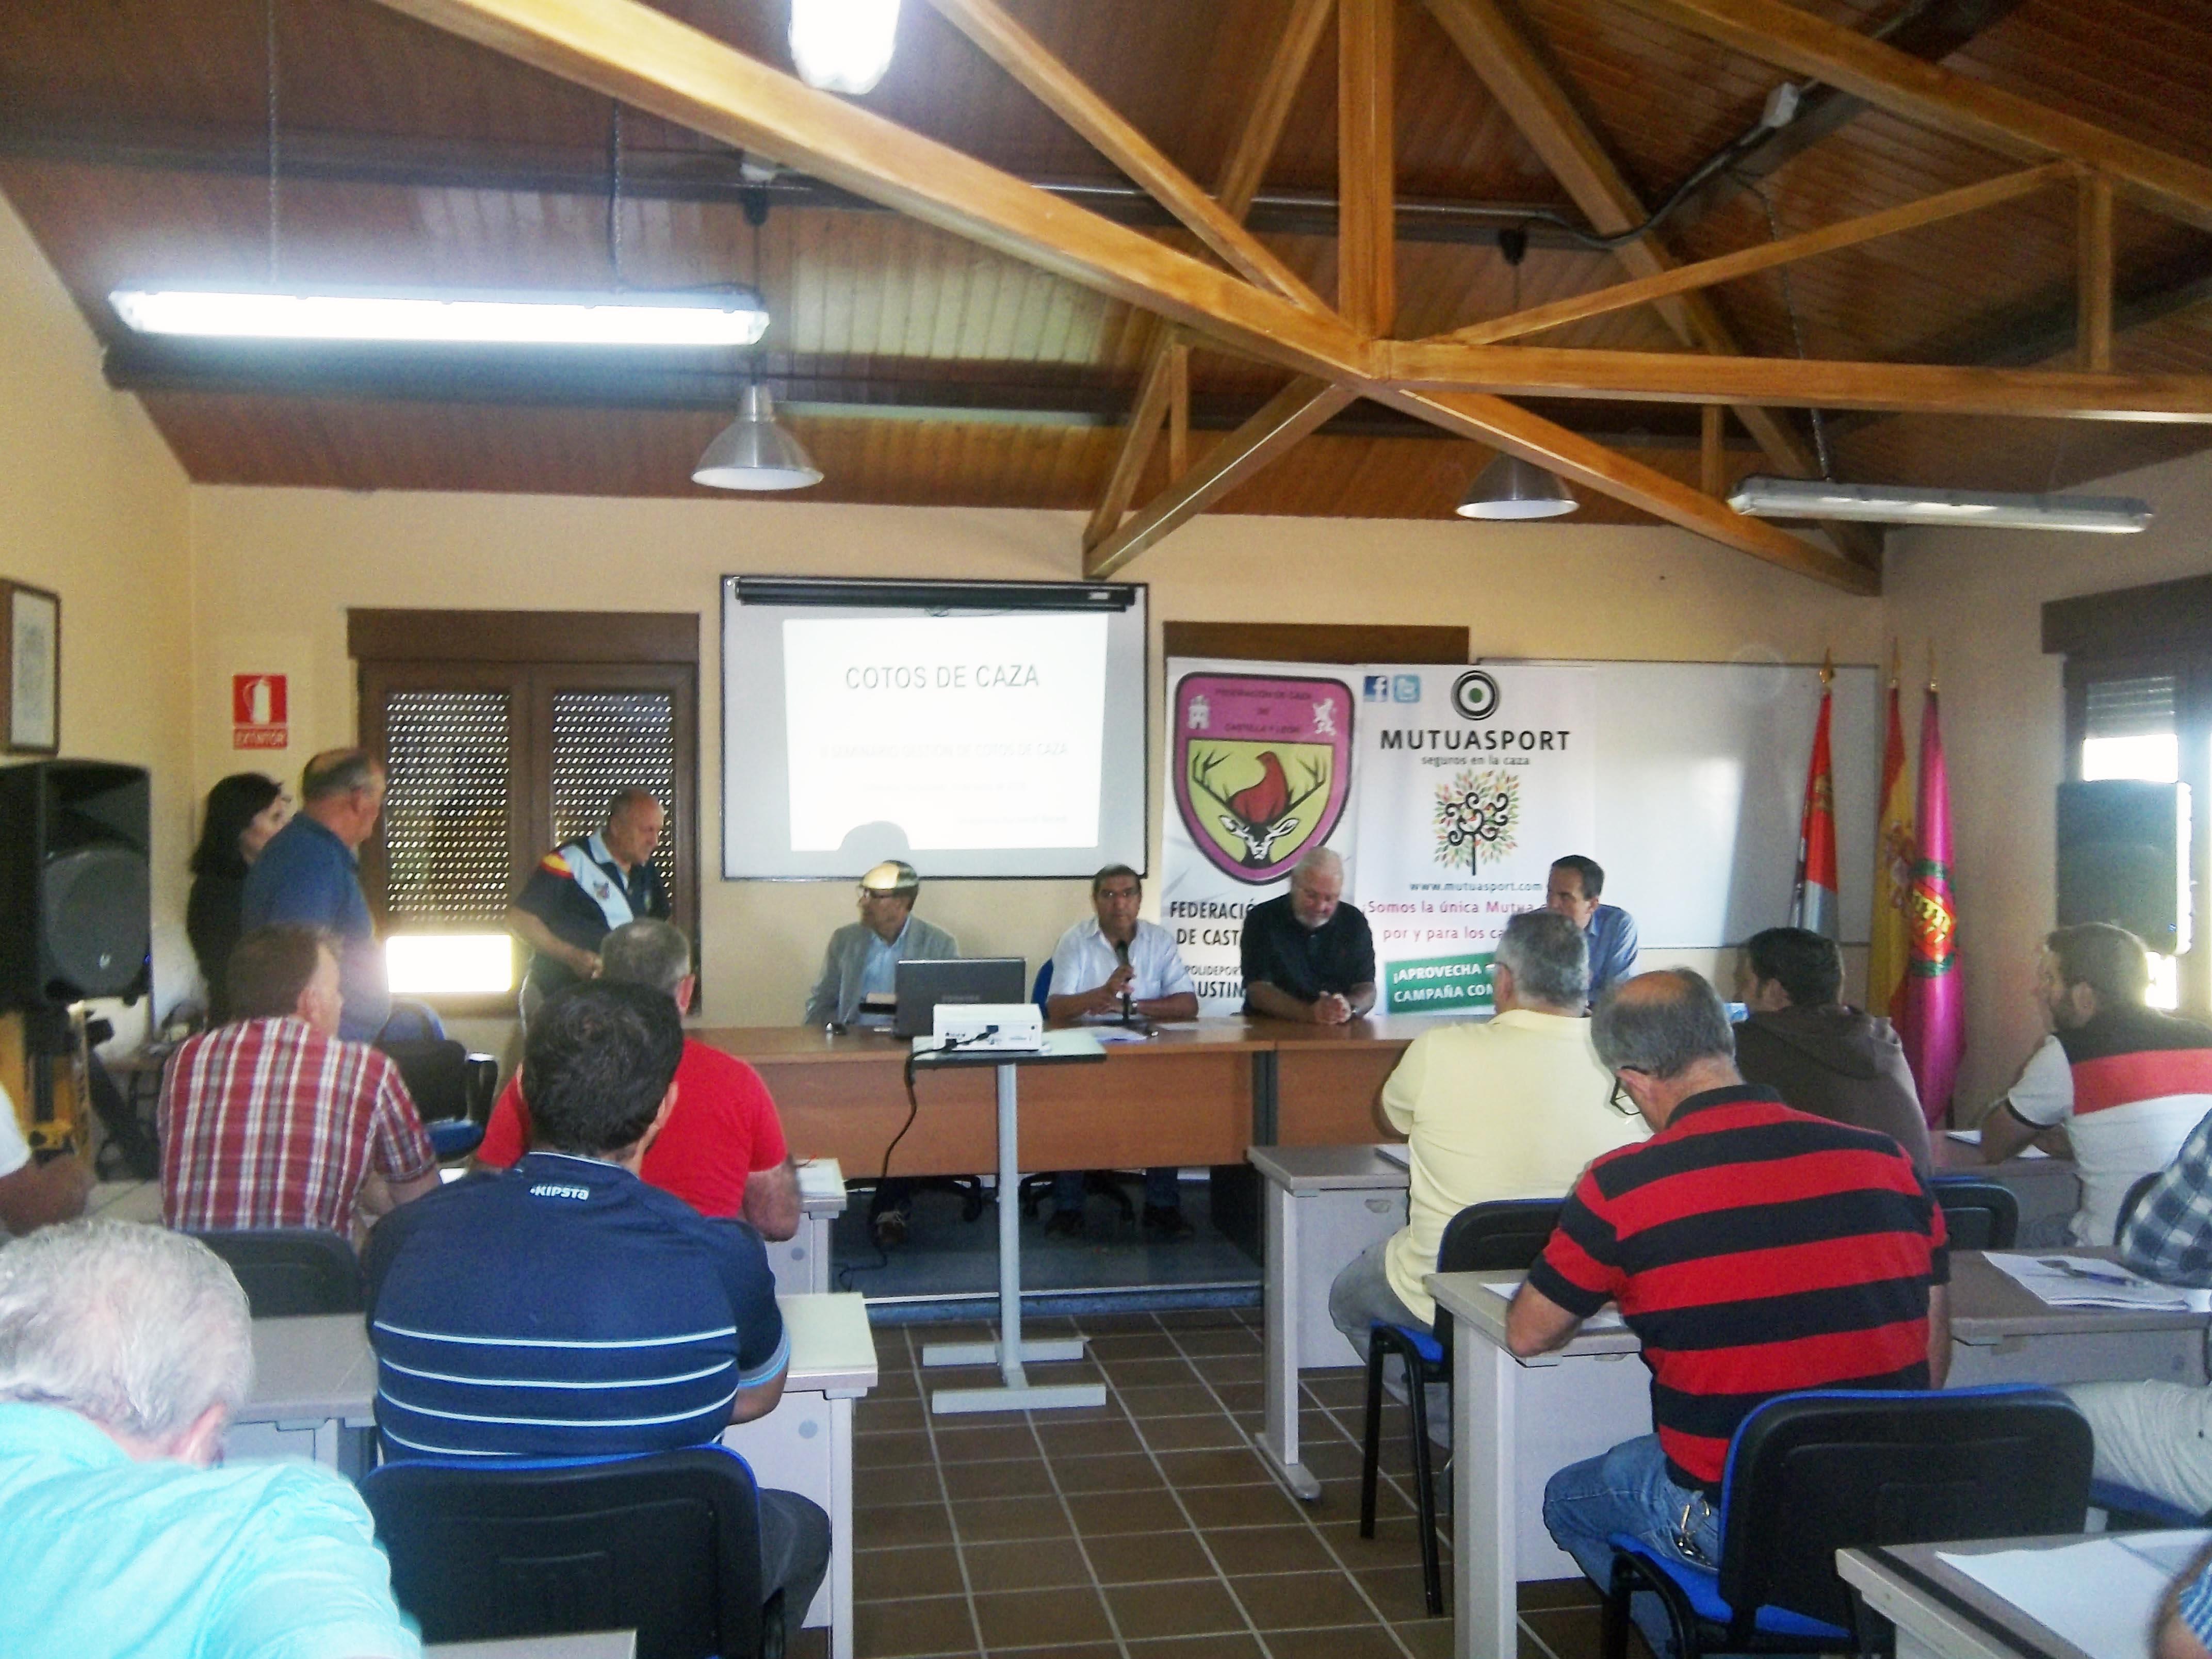 Mutuasport participa en el II Seminario de Gestión de Cotos en Valladolid